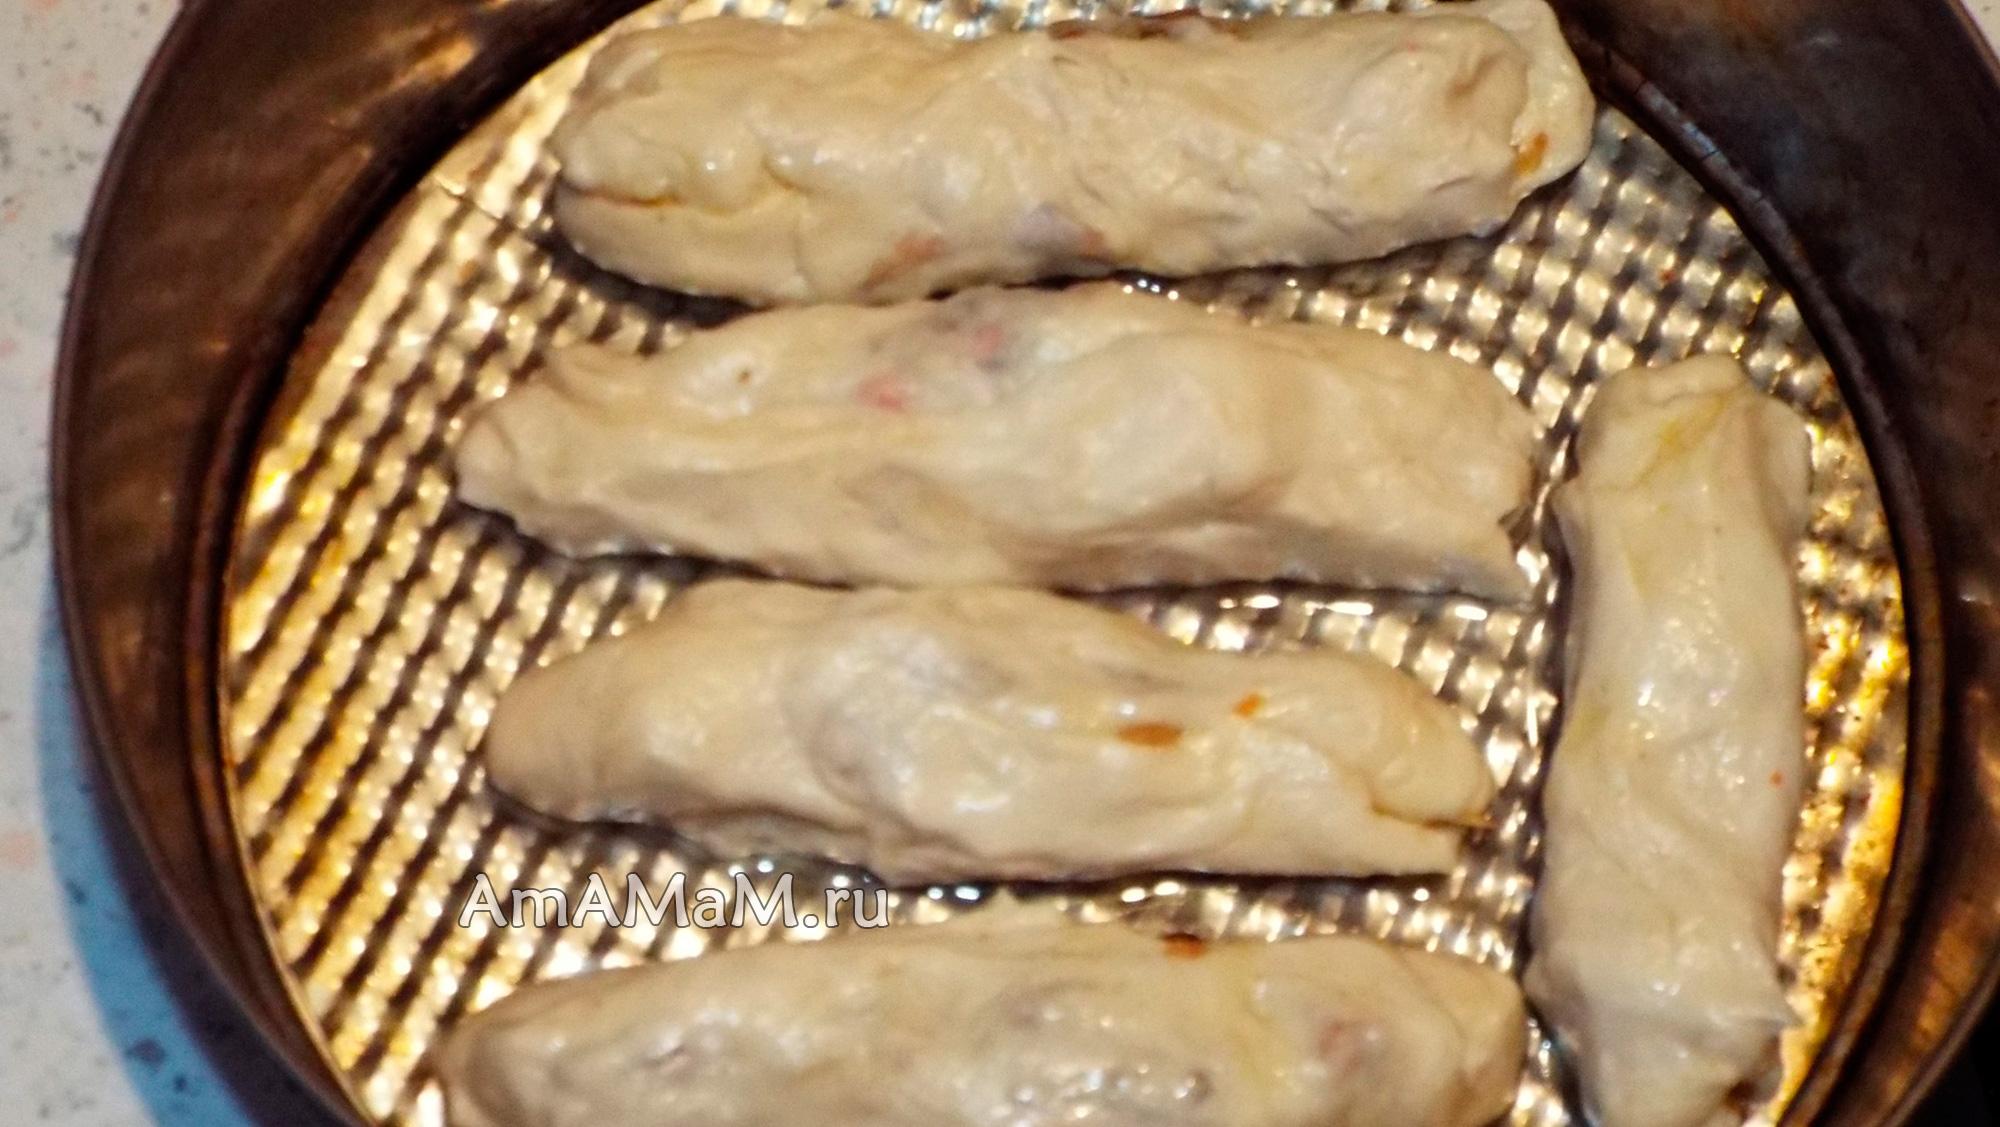 Пирожки с капустой жареные на сковороде рецепт пошагово